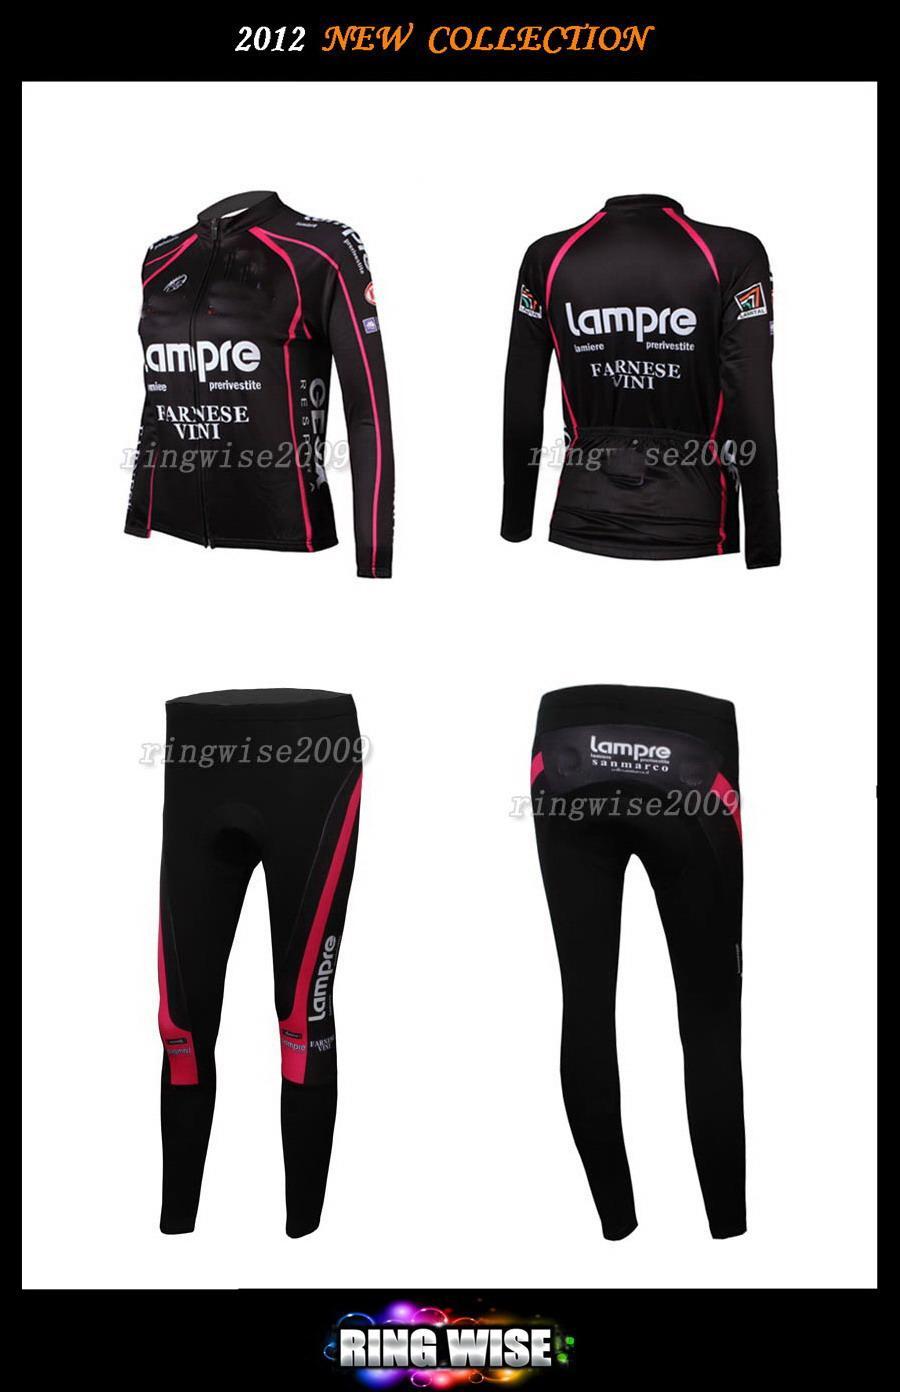 여자 겨울용 플라이 사이클 열 사이클 저지 저우 + 팬츠 2012 램프 팀 블랙 - 피크 사이즈 : XS-XXL